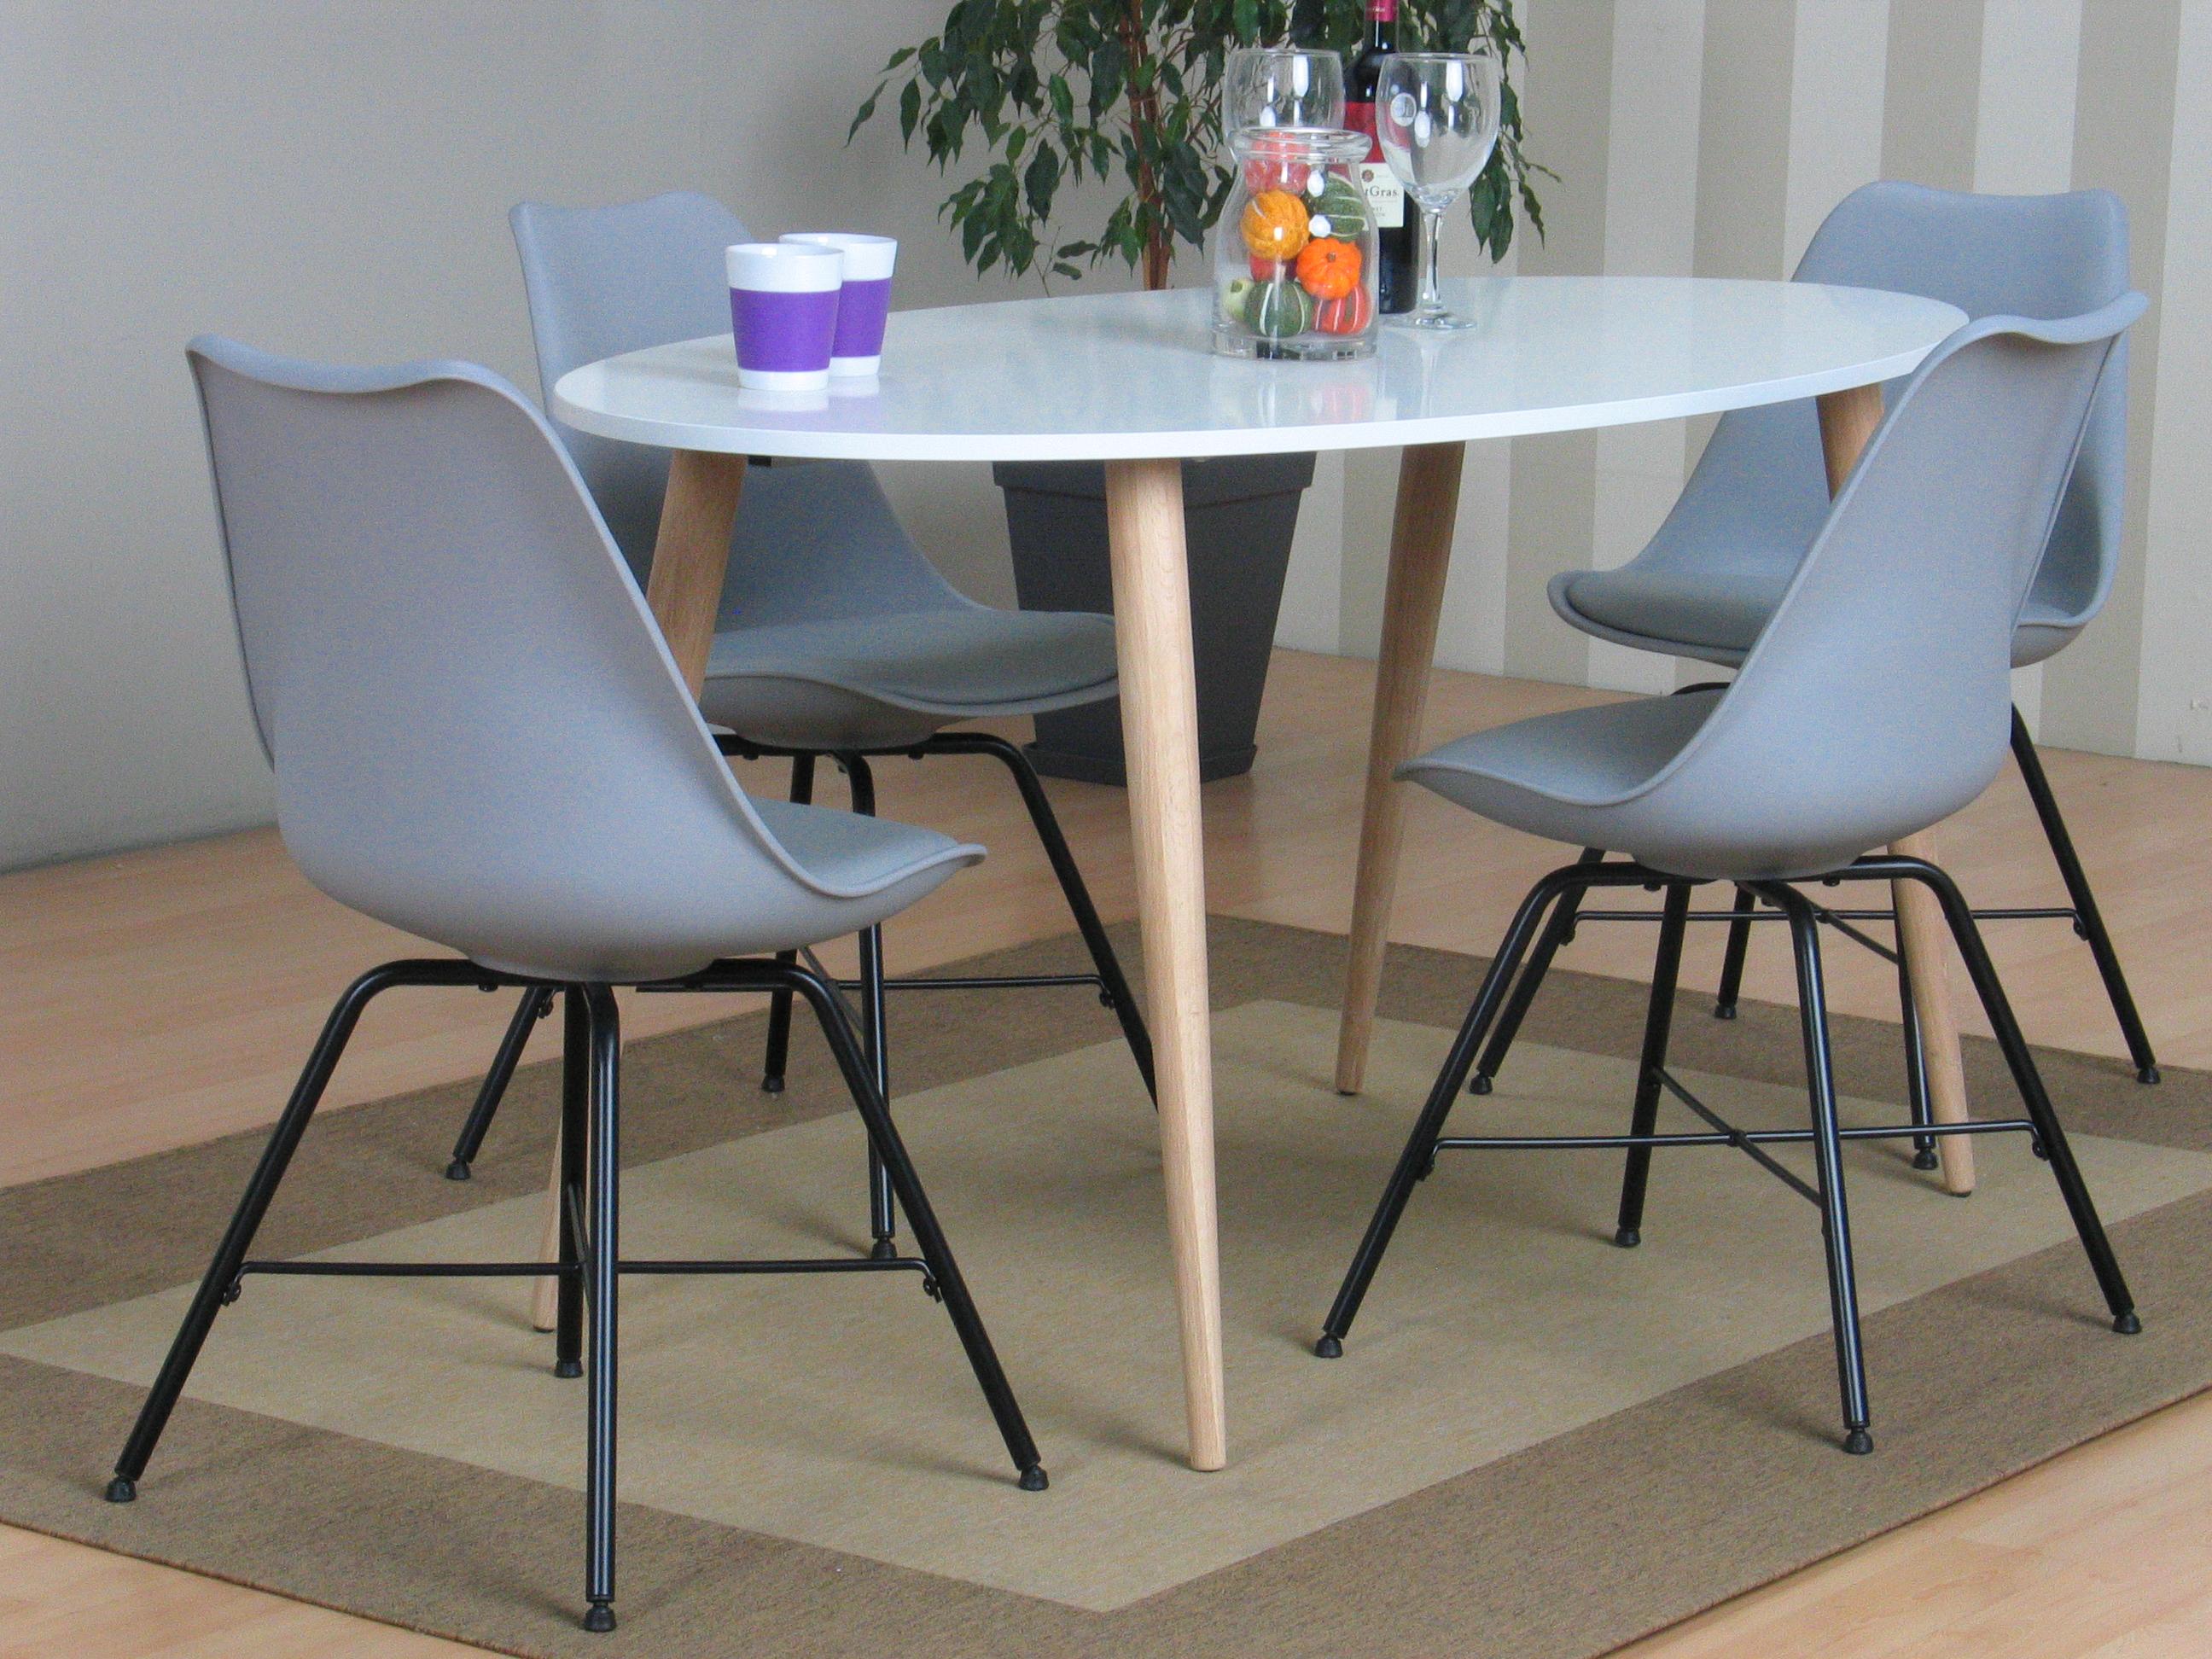 napoli esszimmergruppe 806 mit esstisch und 4 grauen schalenst hlen kaufen sie hier. Black Bedroom Furniture Sets. Home Design Ideas